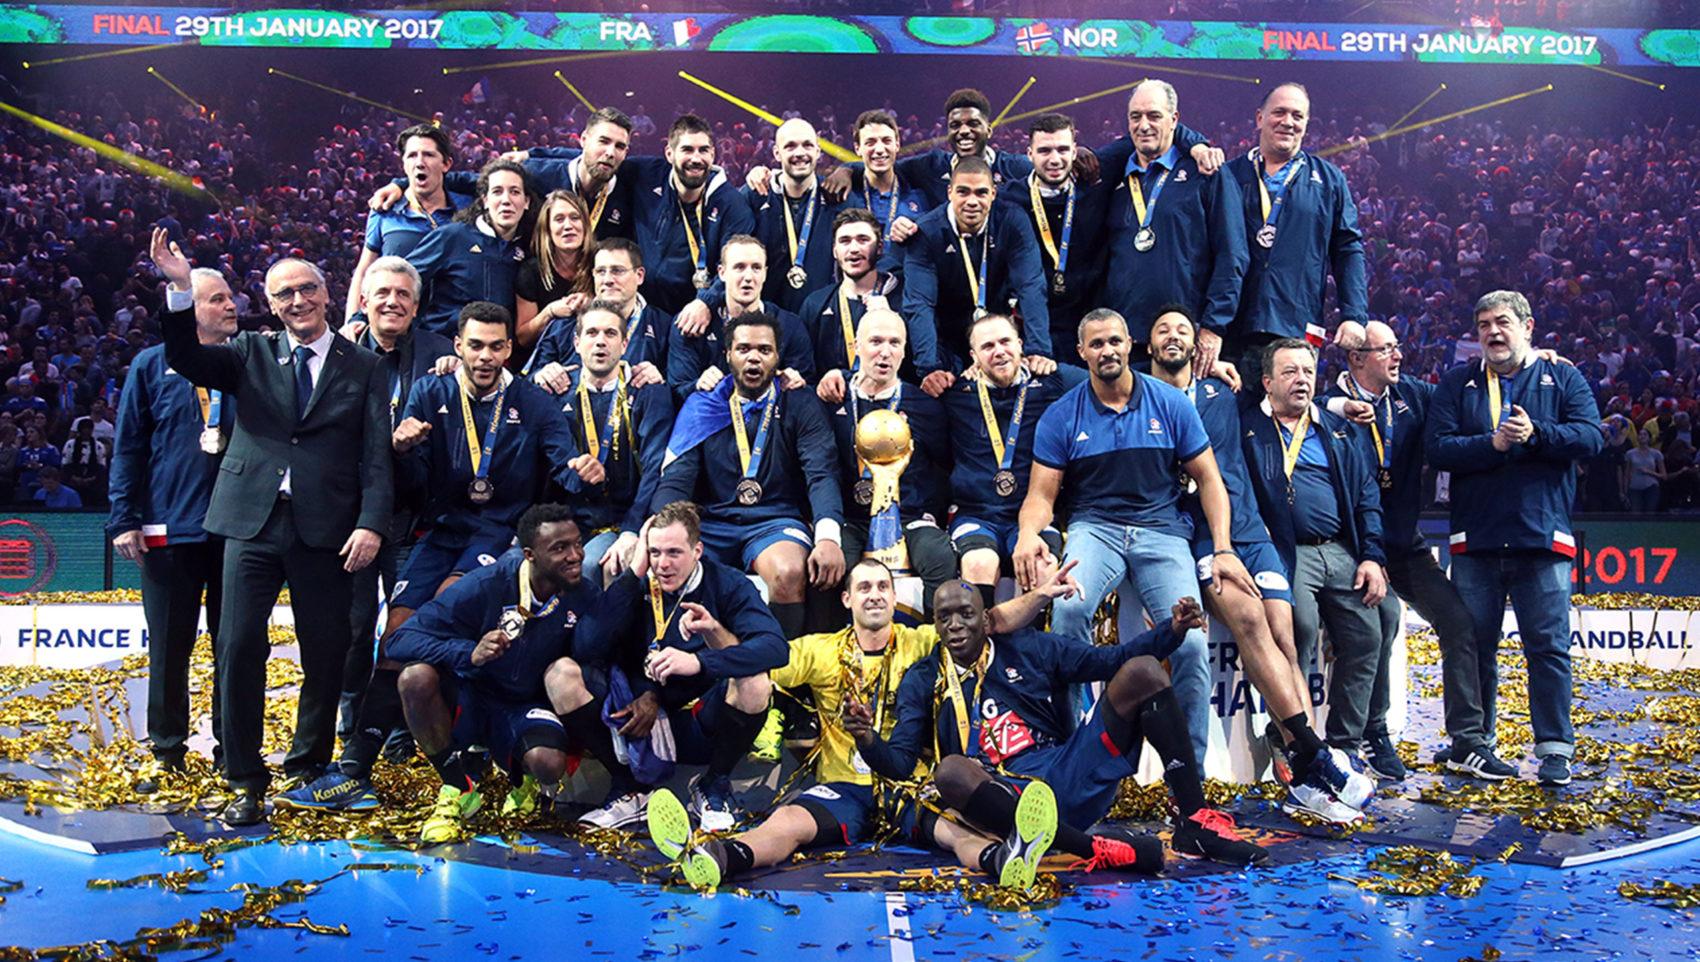 07_France_Handball_2017_champions